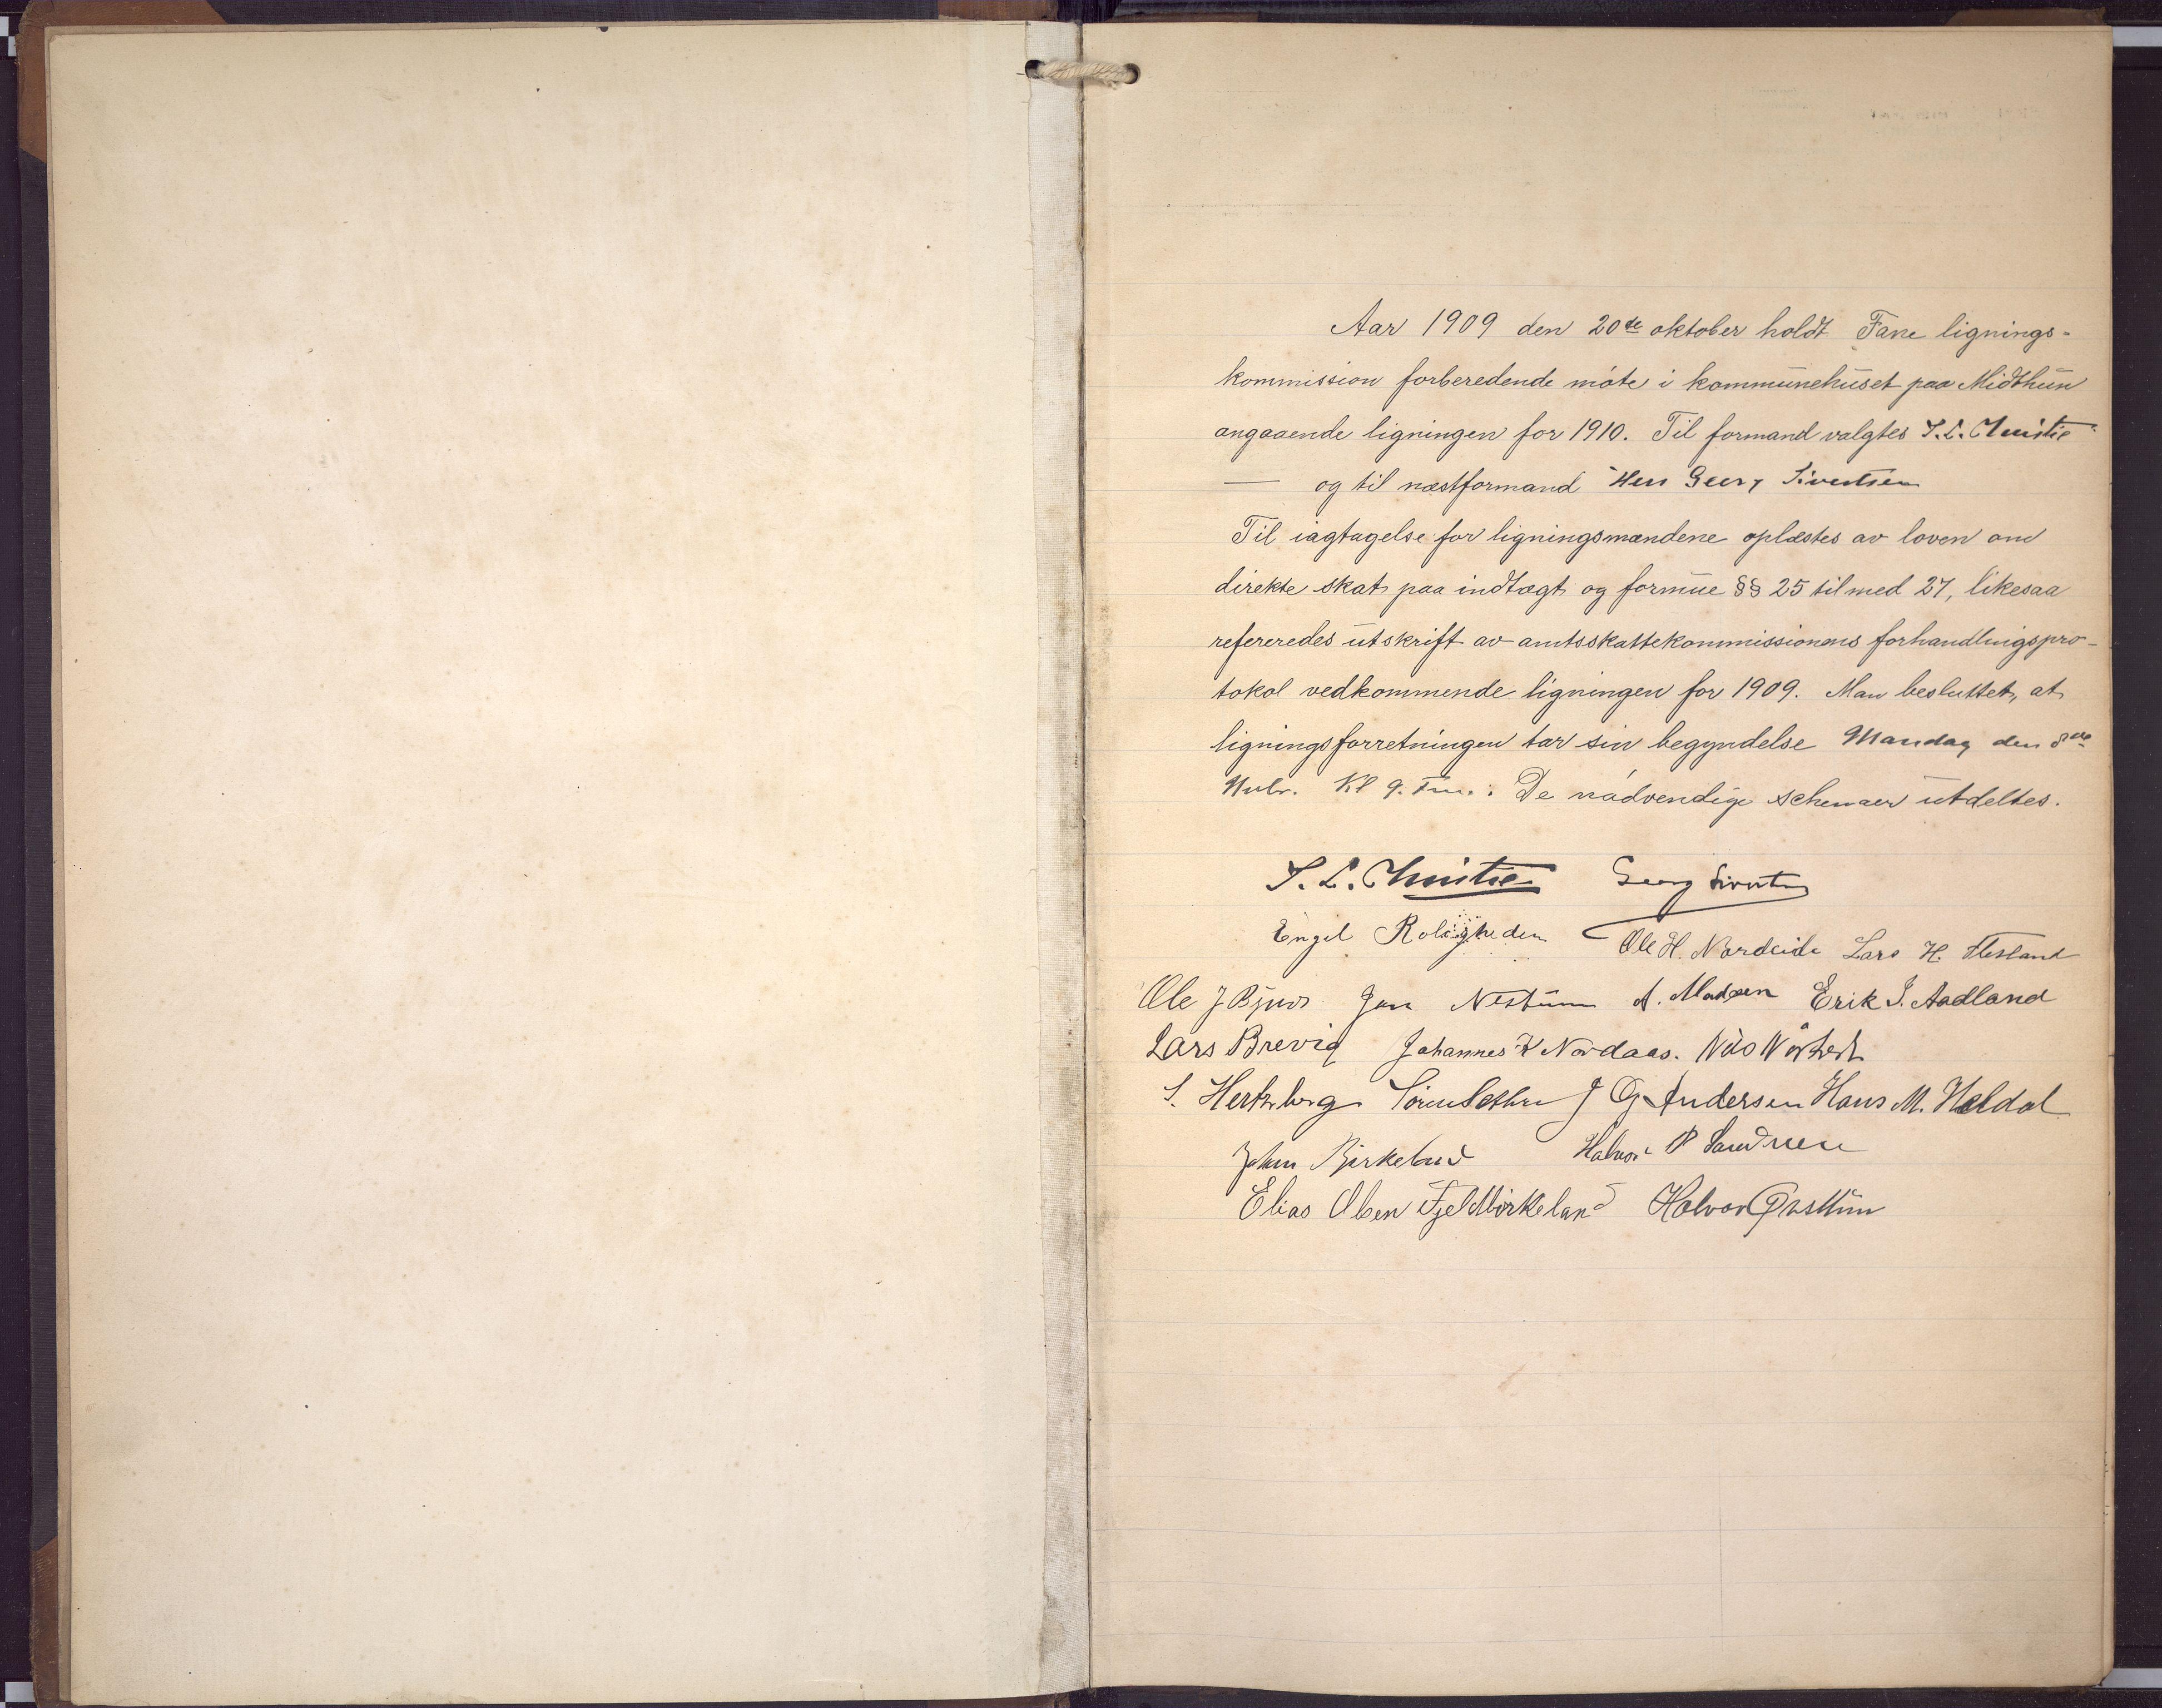 BBA, Fana kommune. Herredskassereren, J/Jc/L0009: Skattelister/ligningsprotokoll, 1909-1911, s. 3